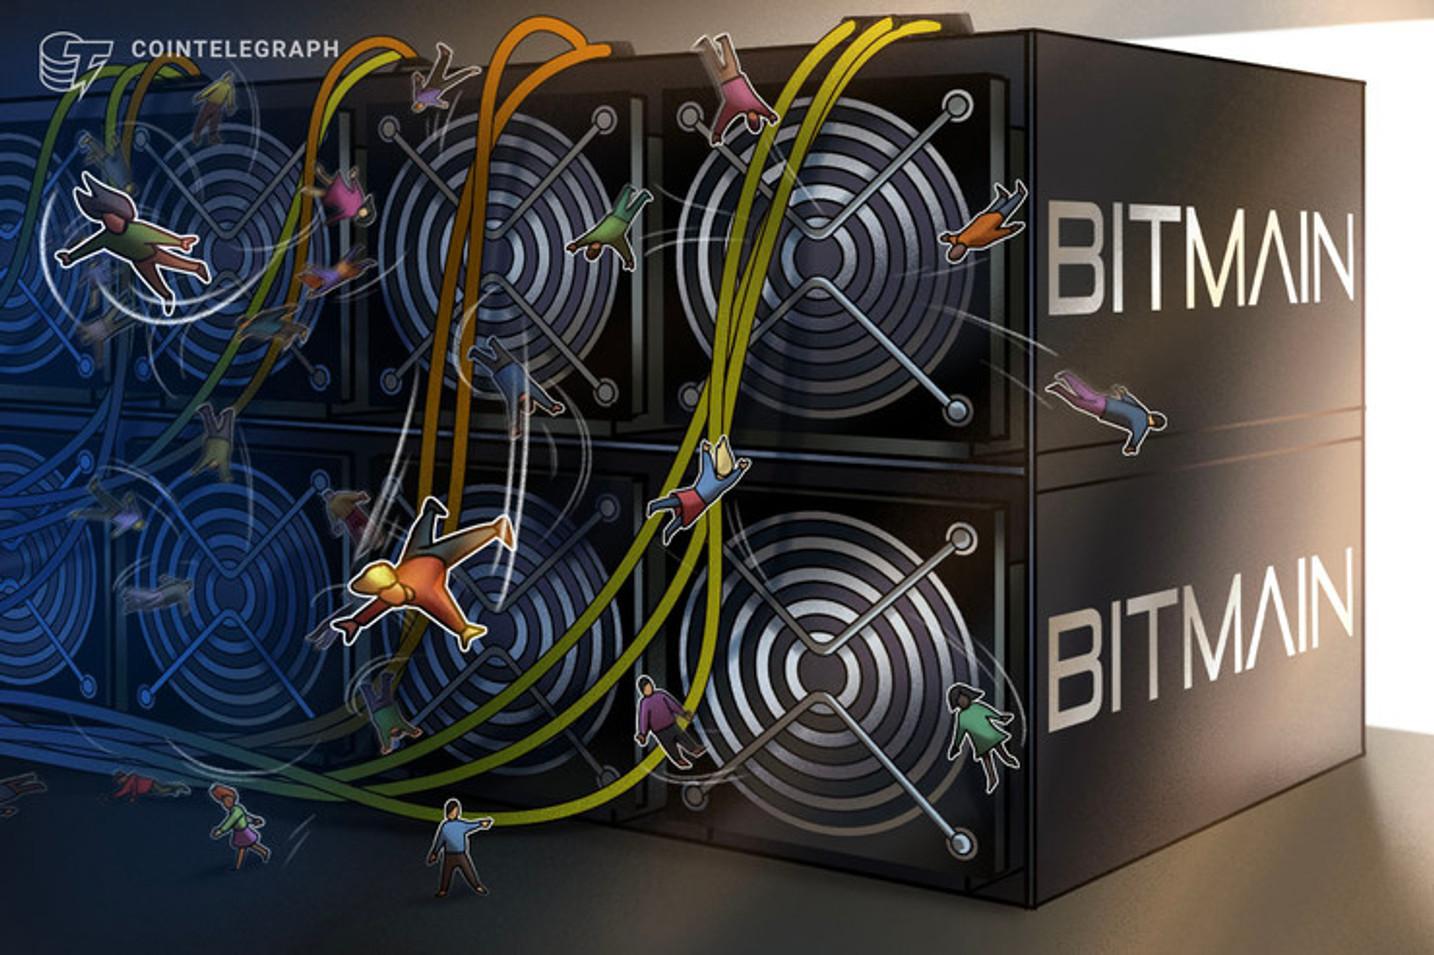 Bitmain anuncia nova linha de mineradores ASIC S19 com 110 TH/S